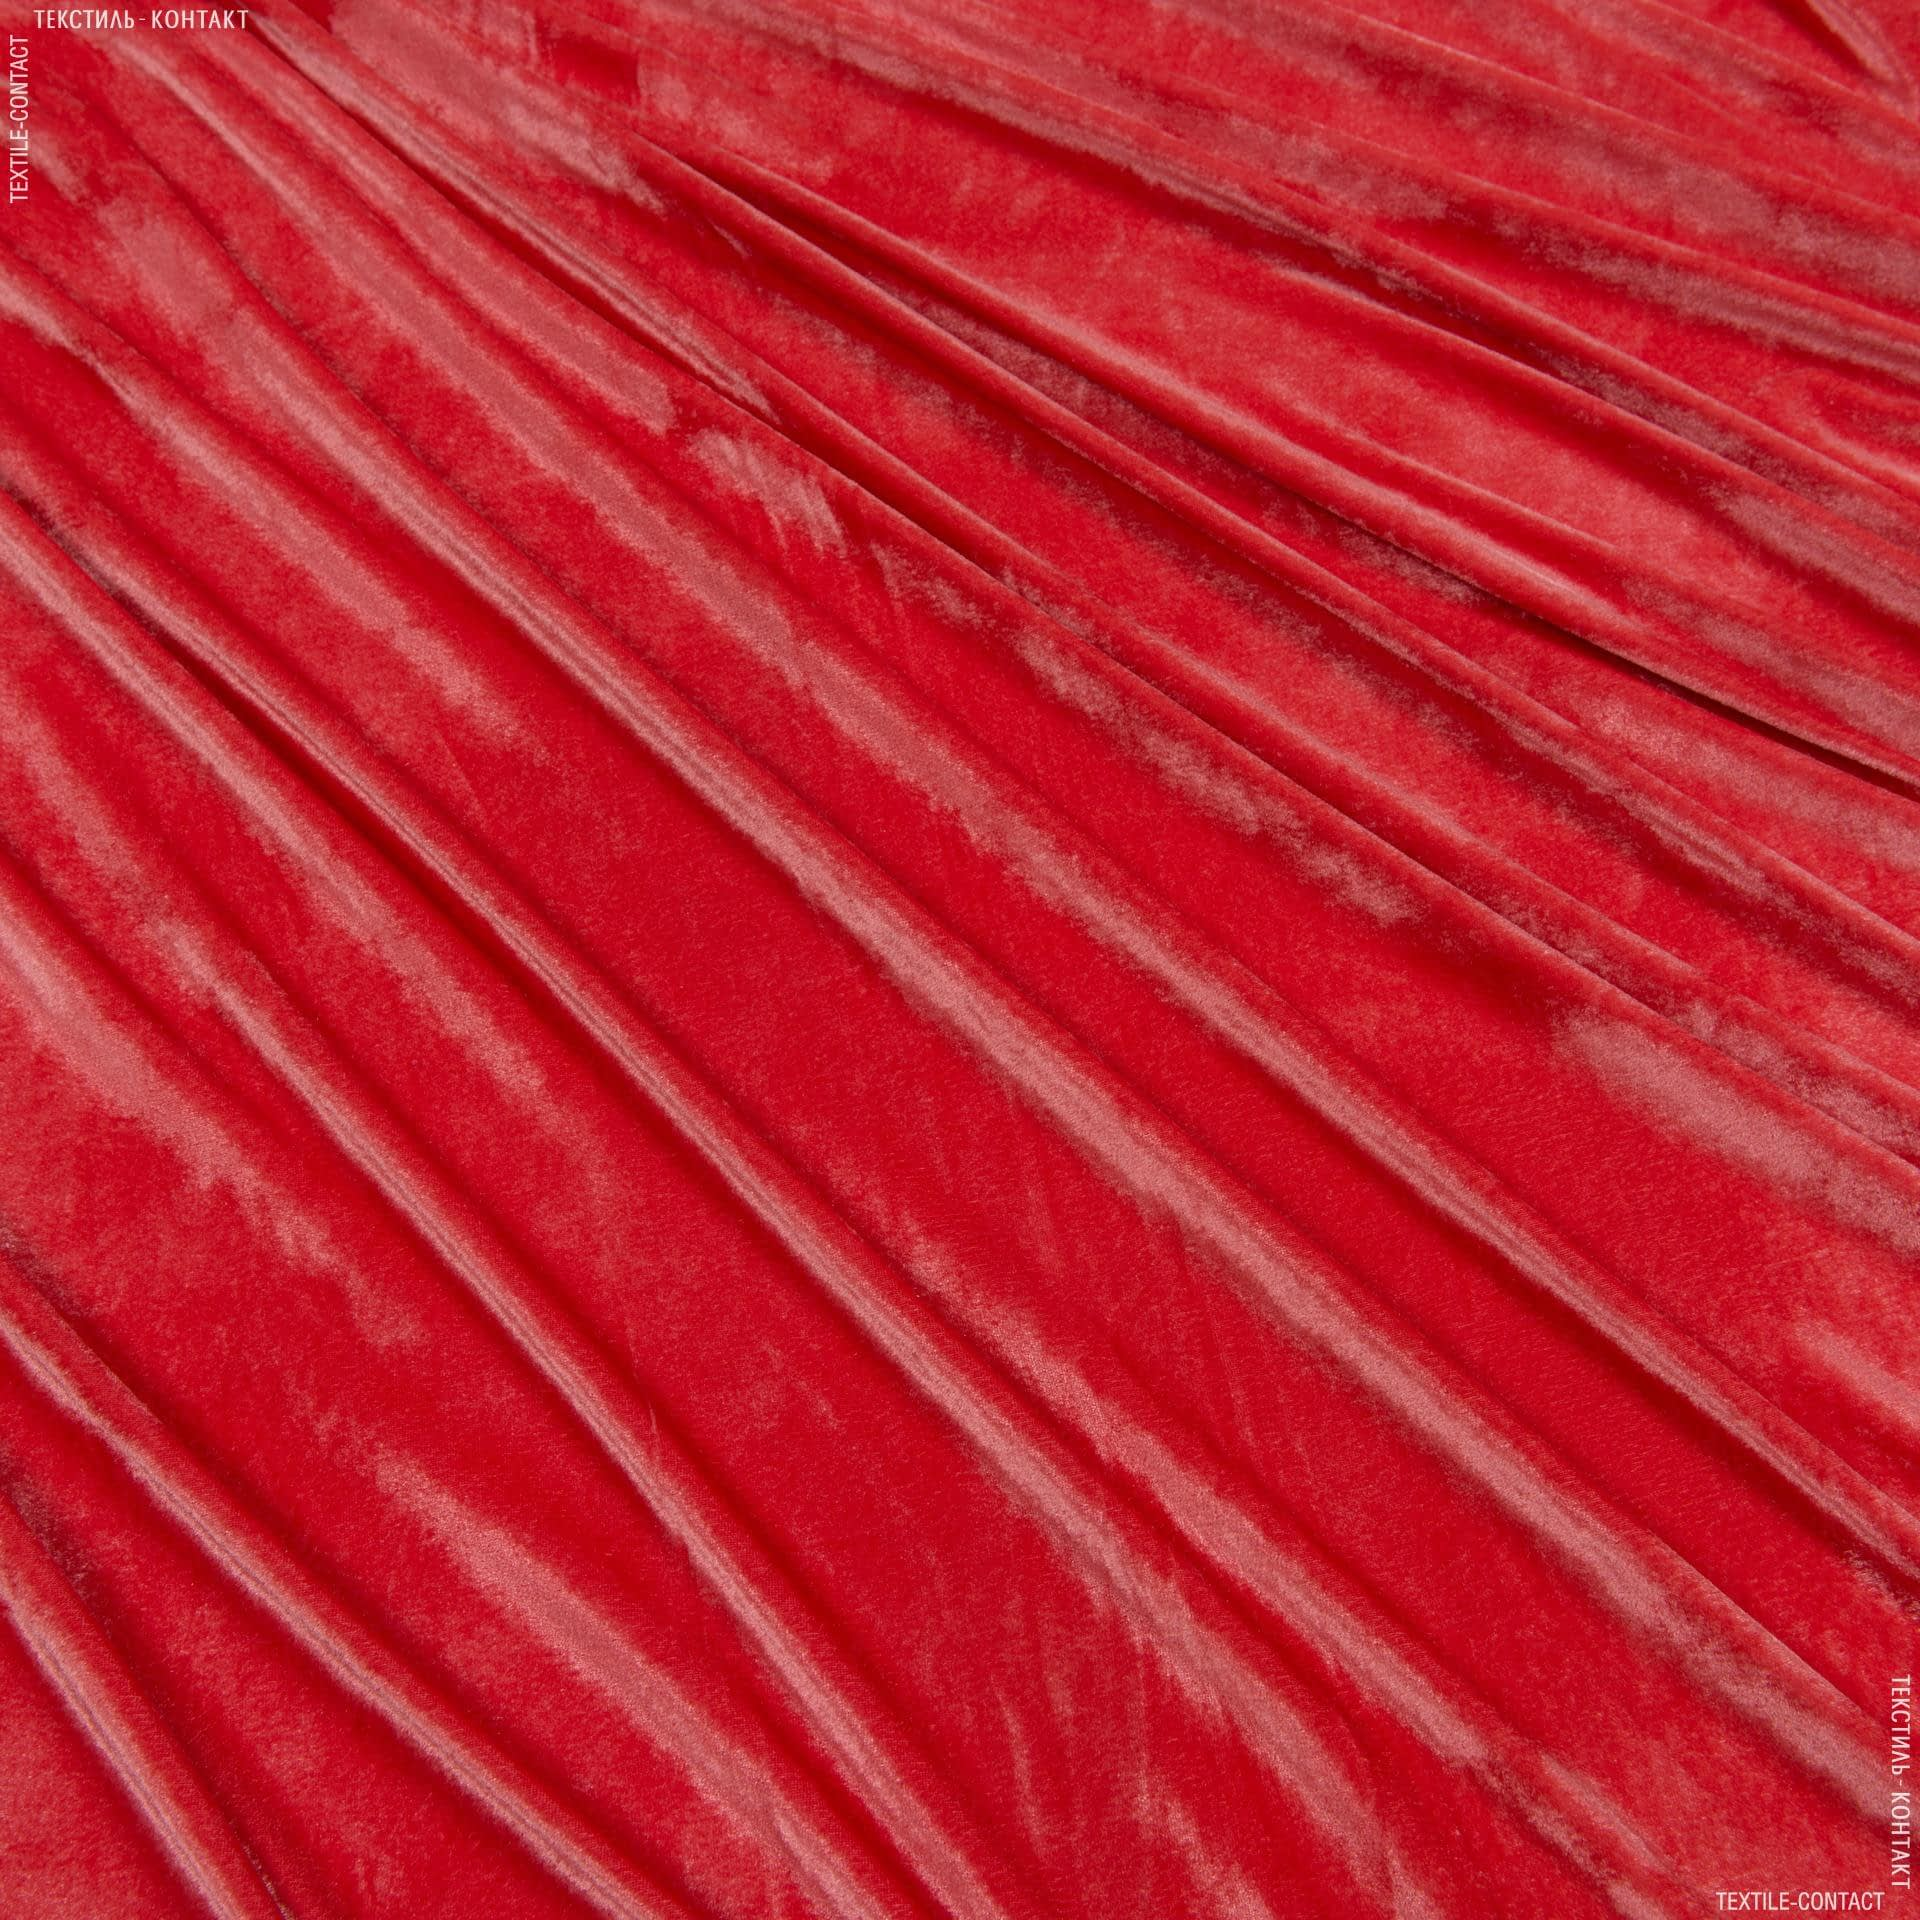 Ткани для платьев - Велюр стрейч коралл